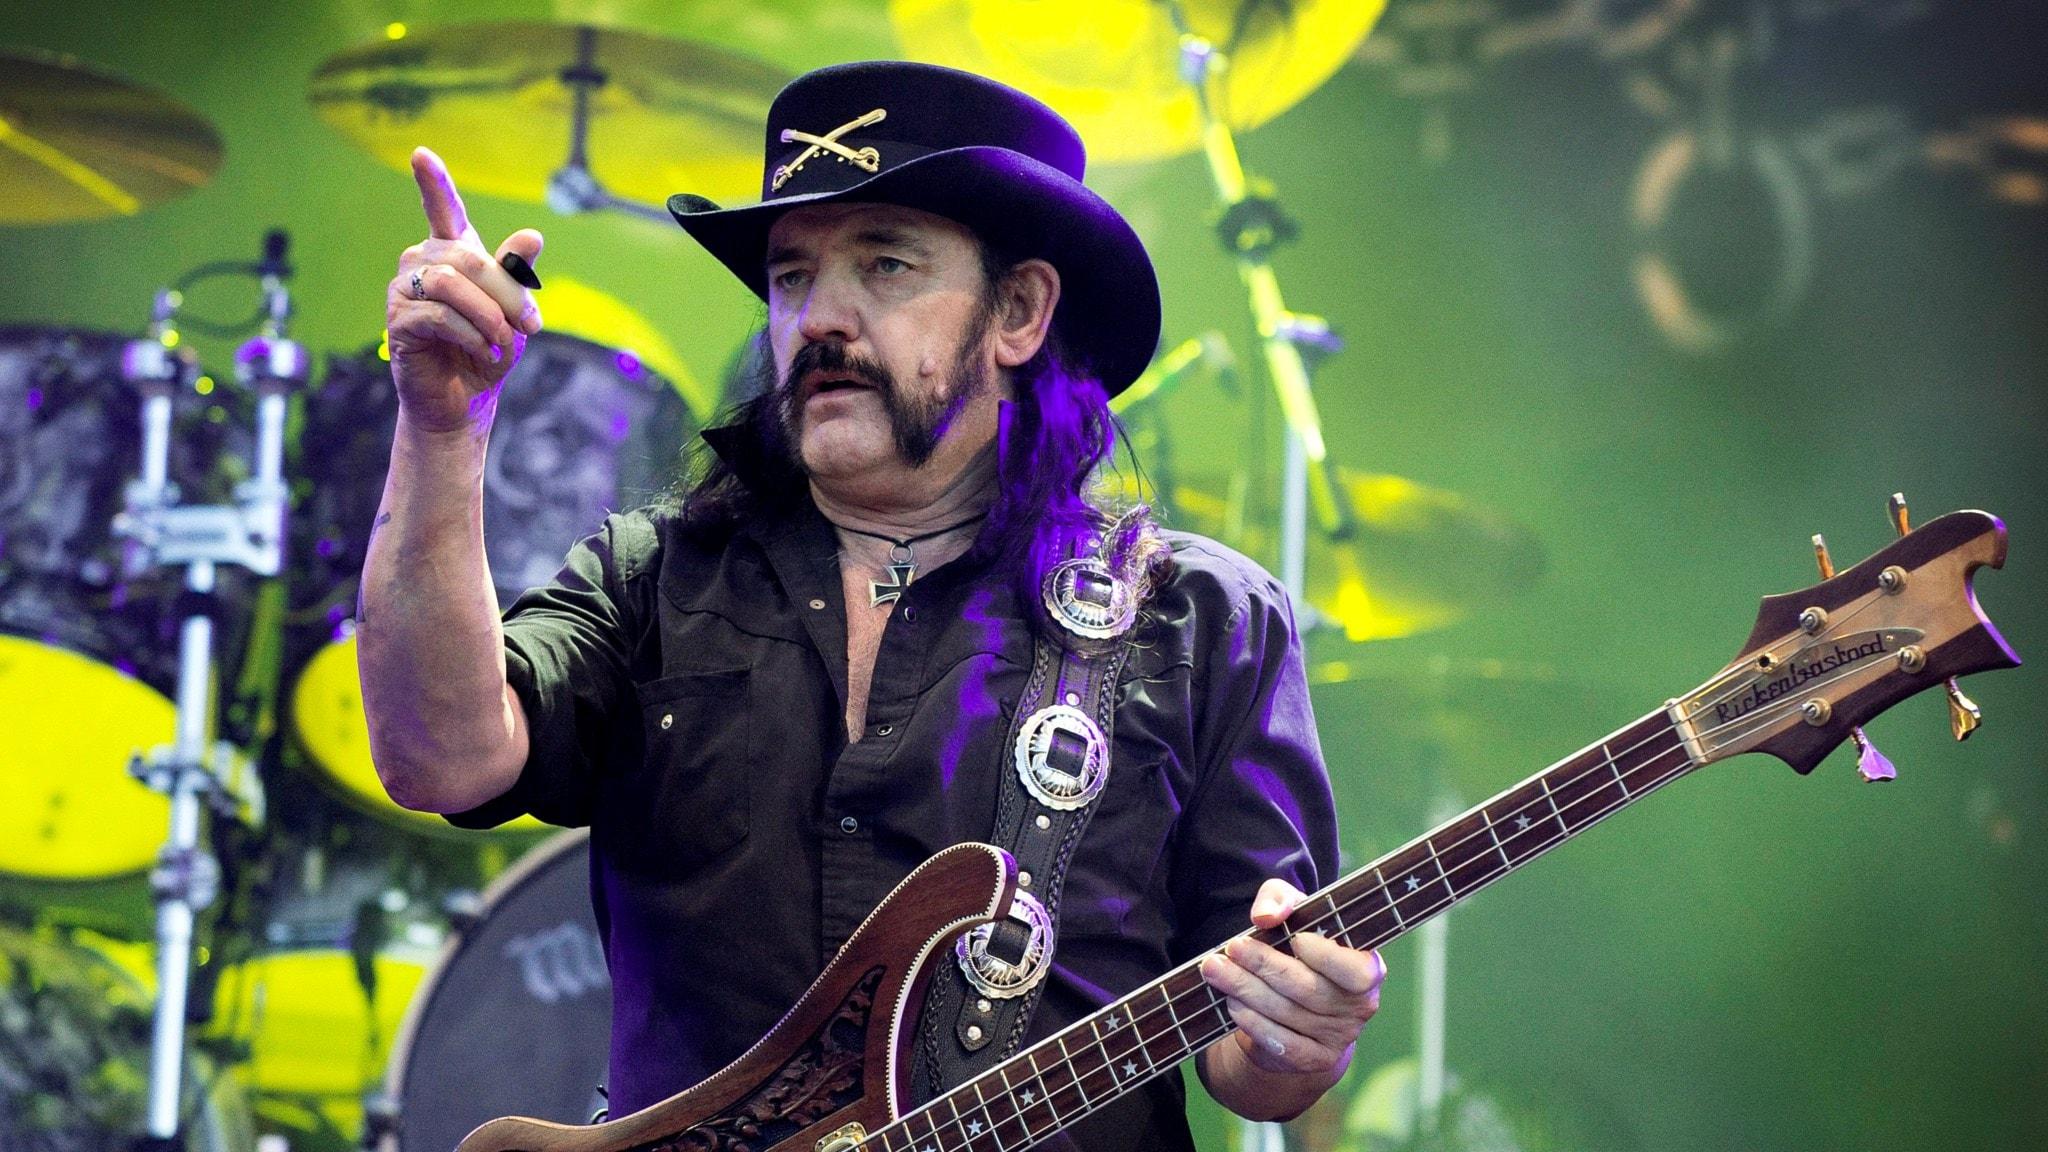 Från arkivet: P3 Rock porträtterar Lemmy i Motörhead 2000